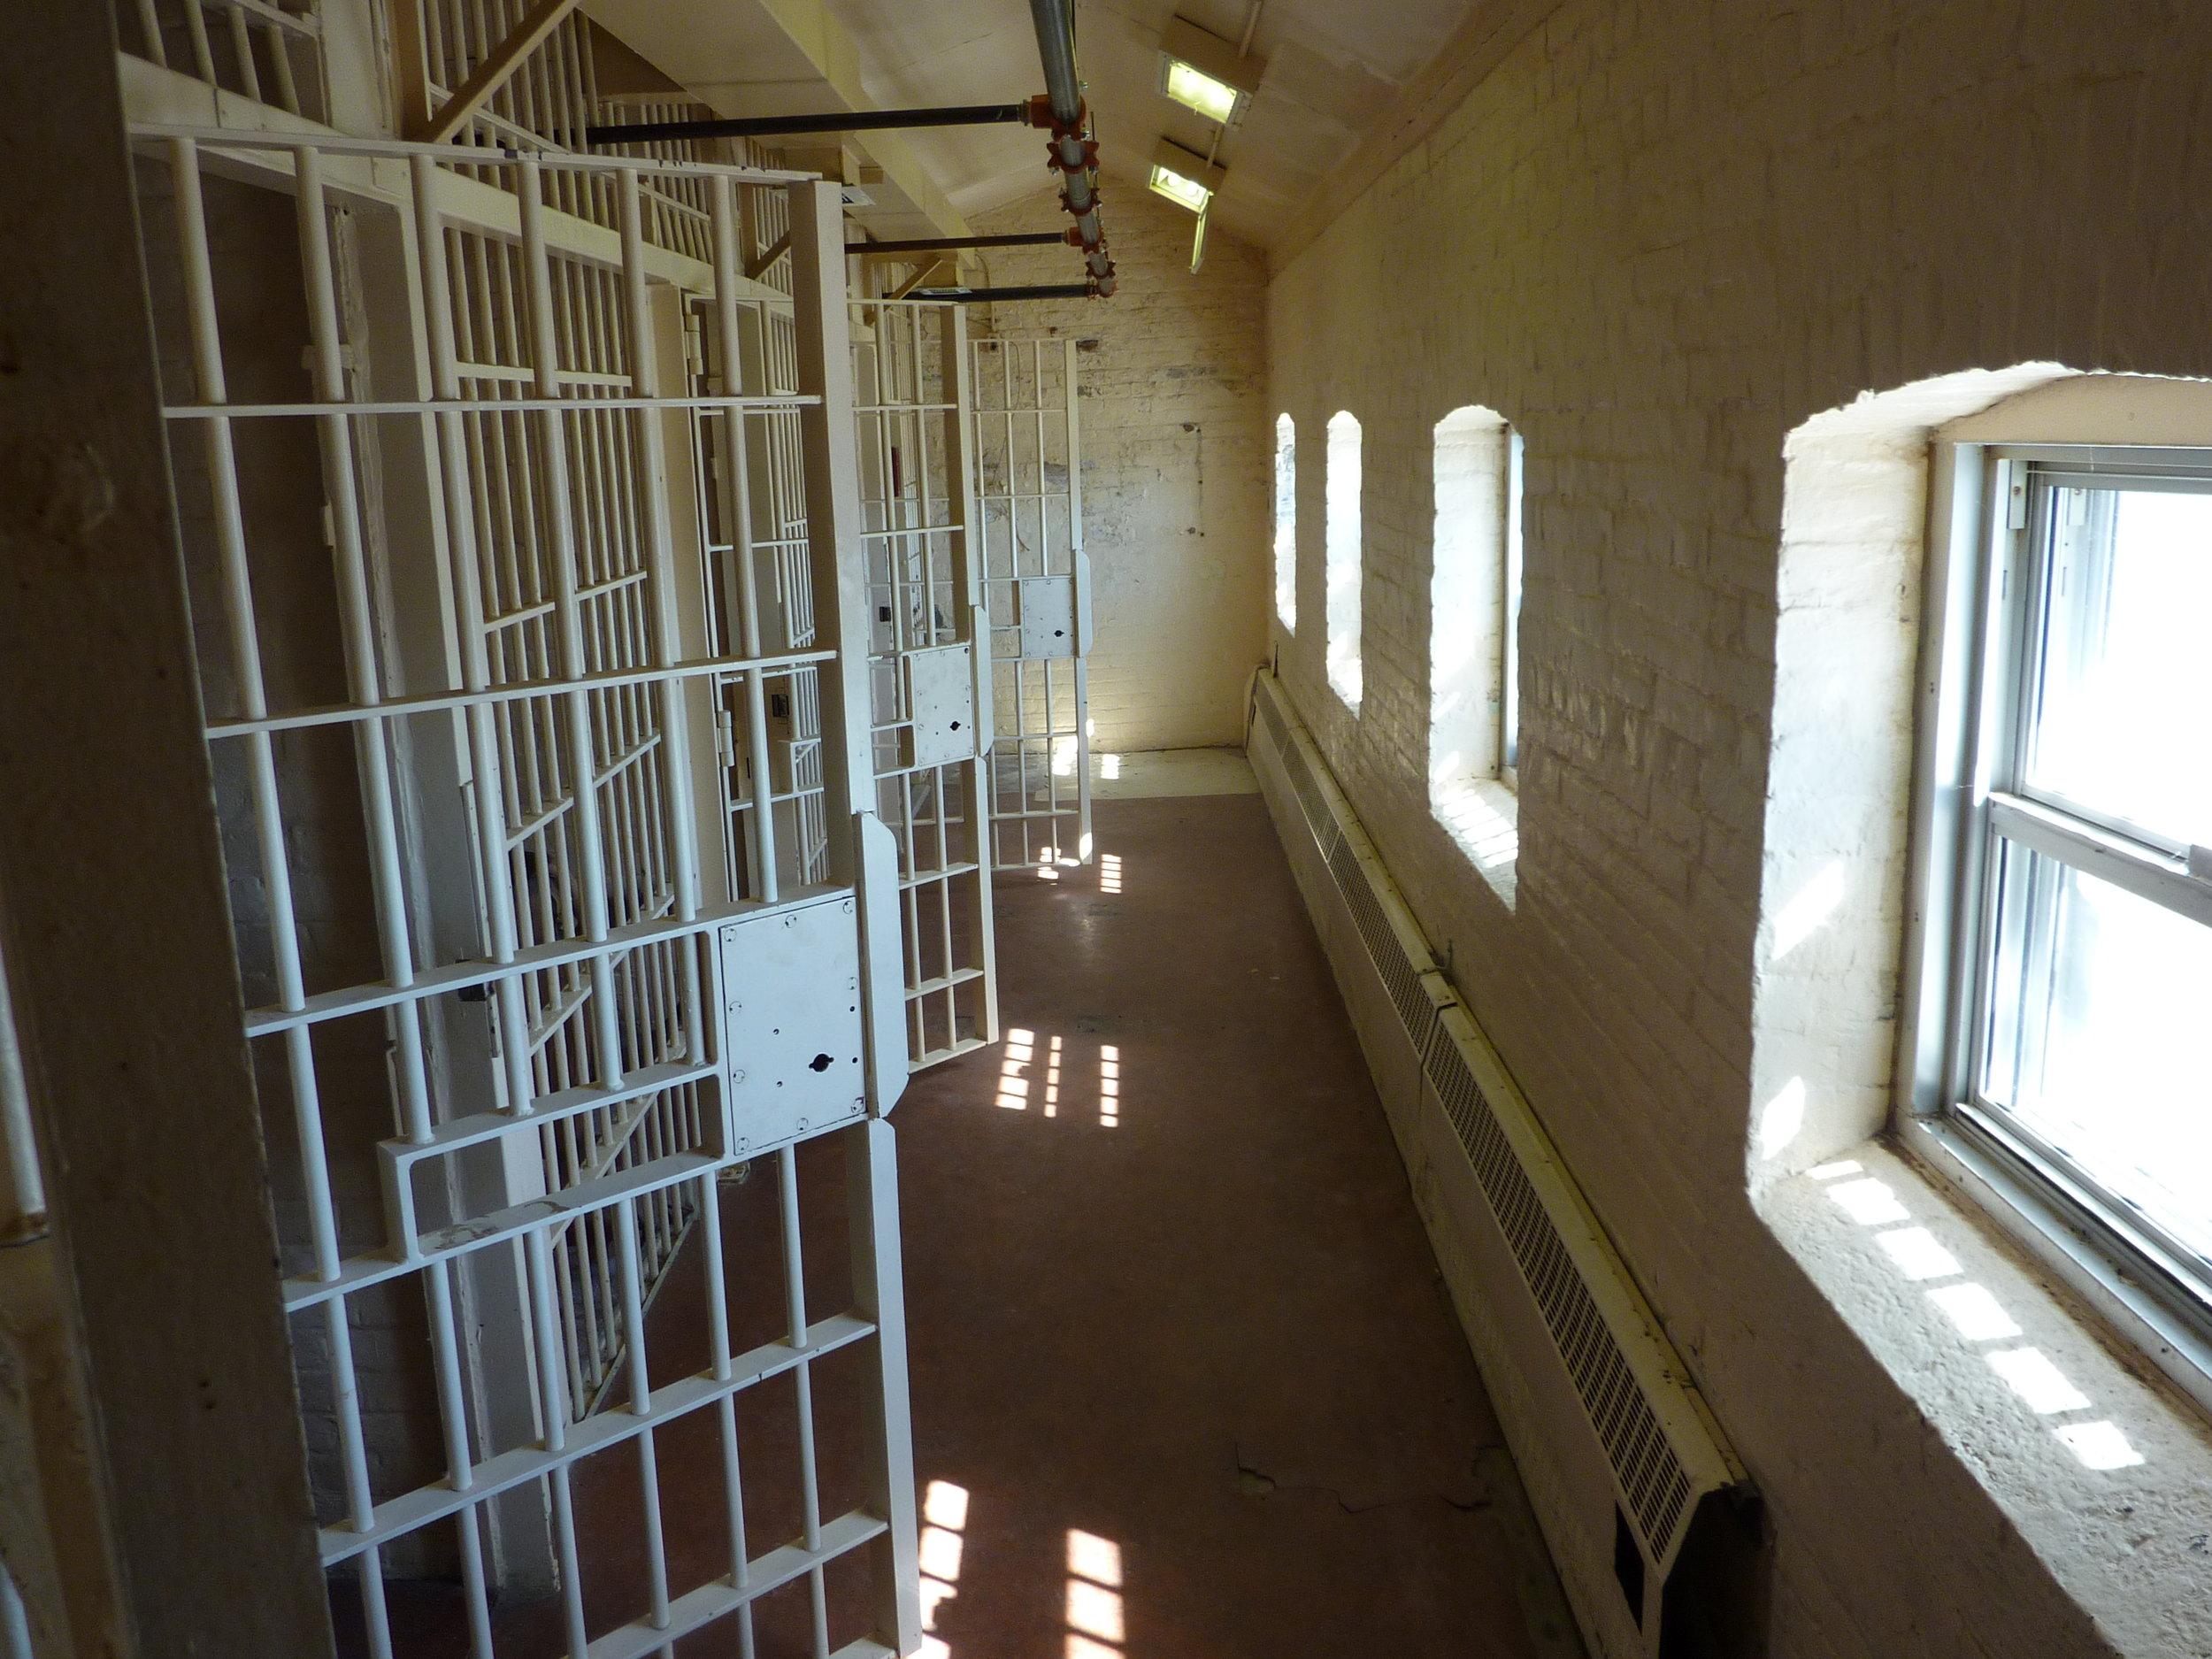 Third Floor Cell Doors